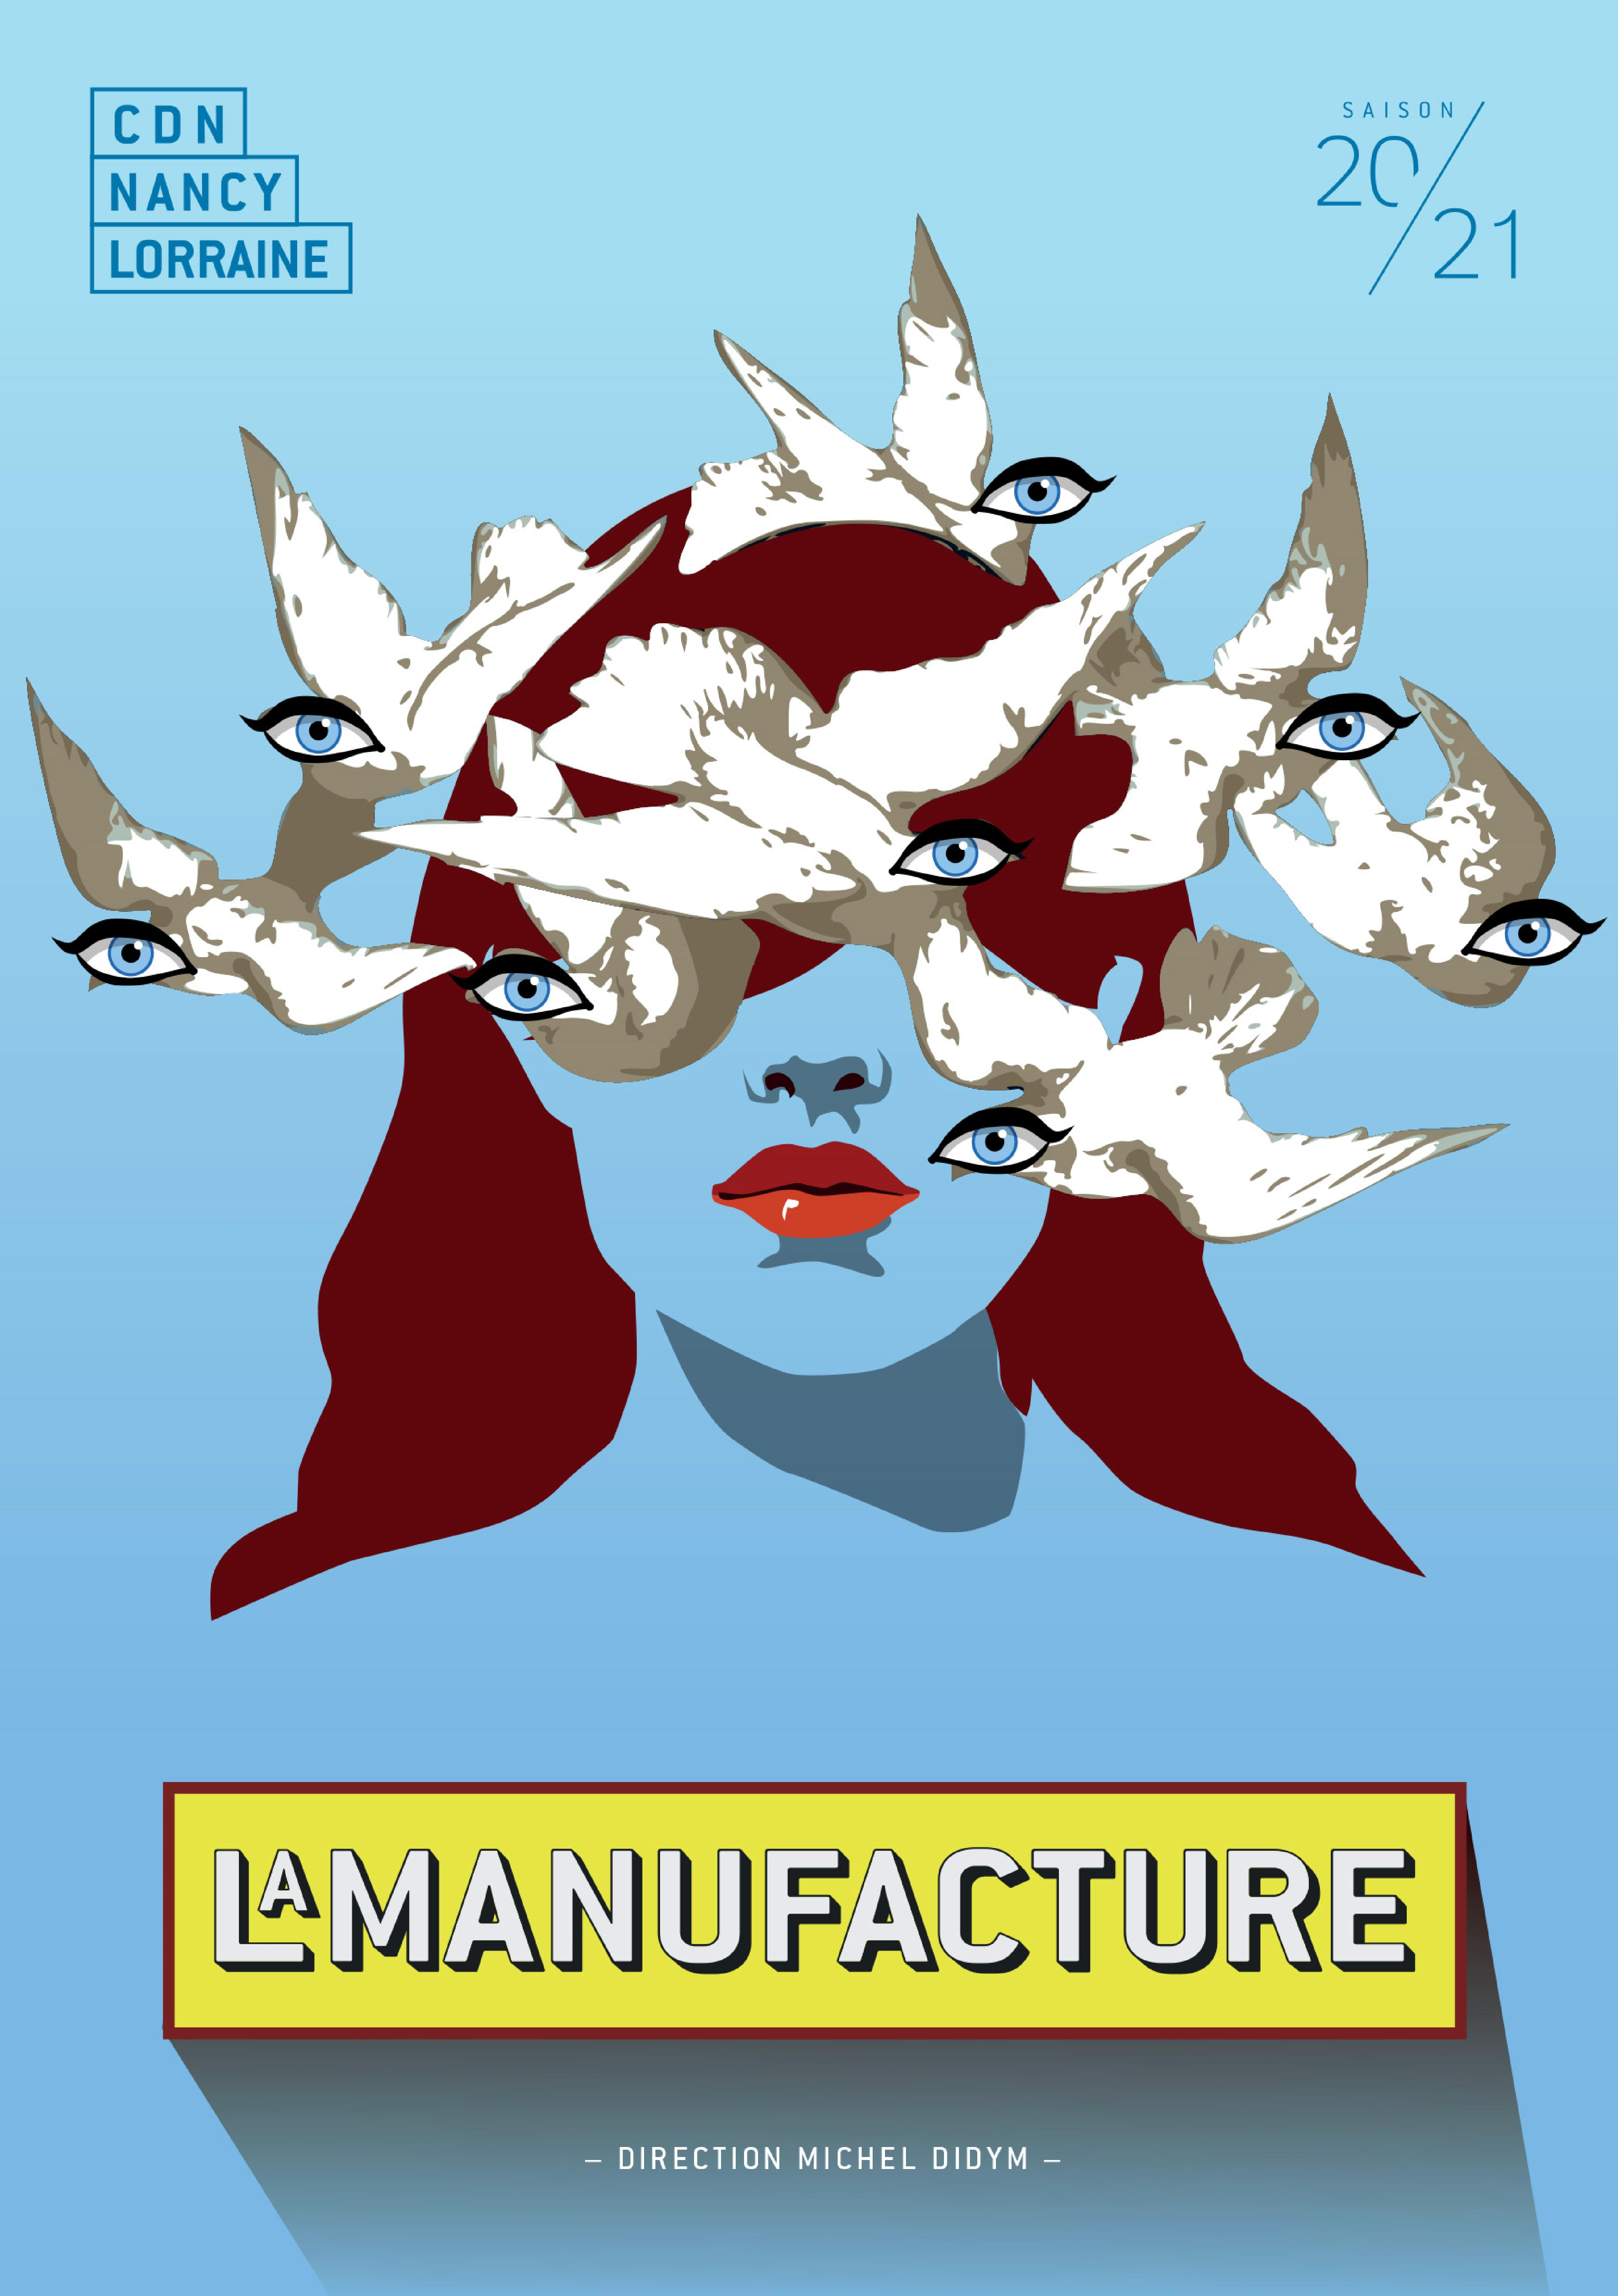 Saison Culturelle Manufacture de Nancy 2020-2021